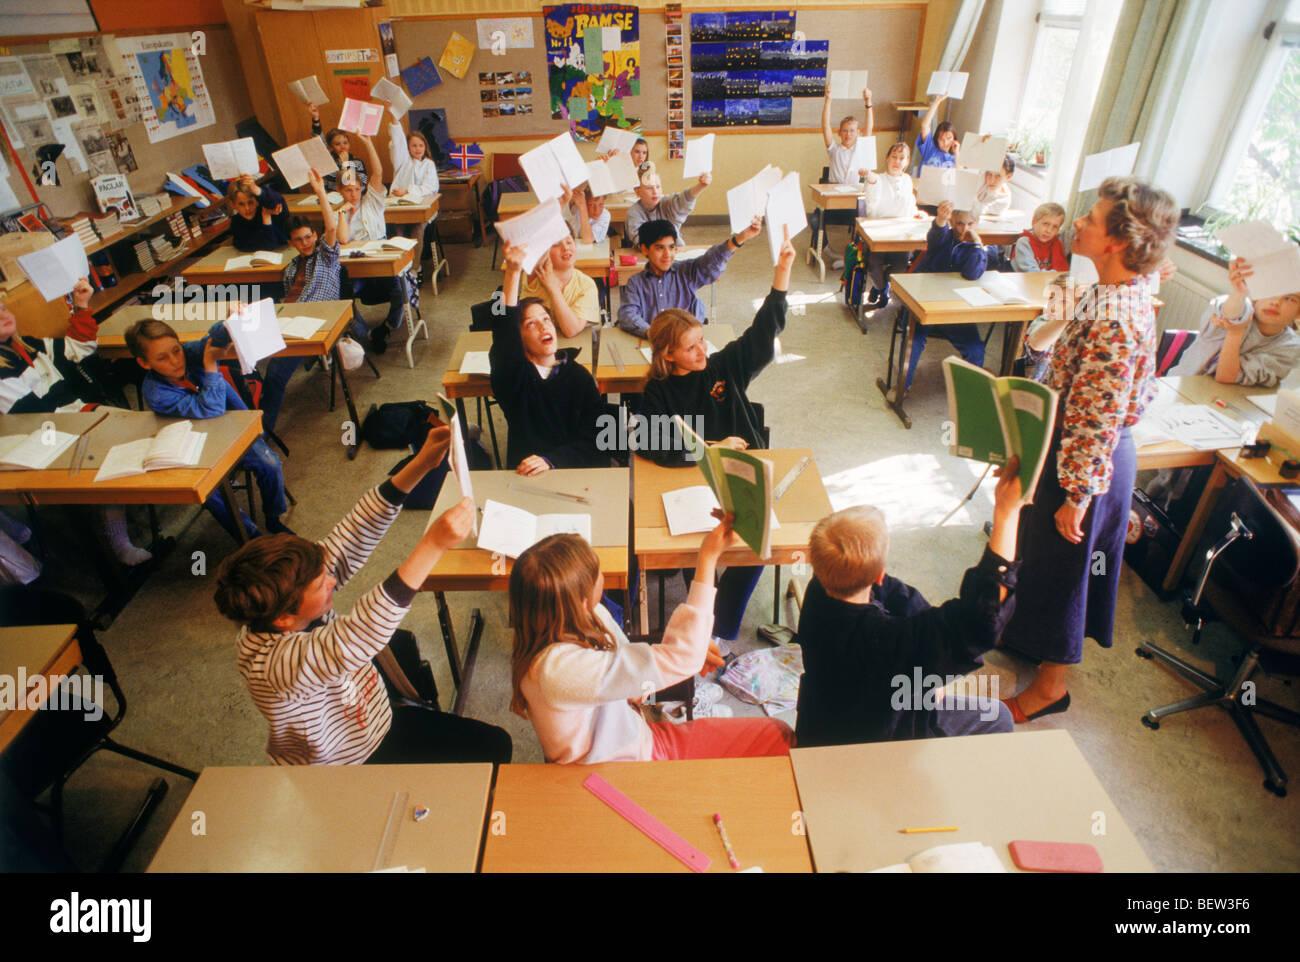 Scrivania Per Bambini Elementari : Scuola elementare i bambini seduti a scrivanie singole in aula